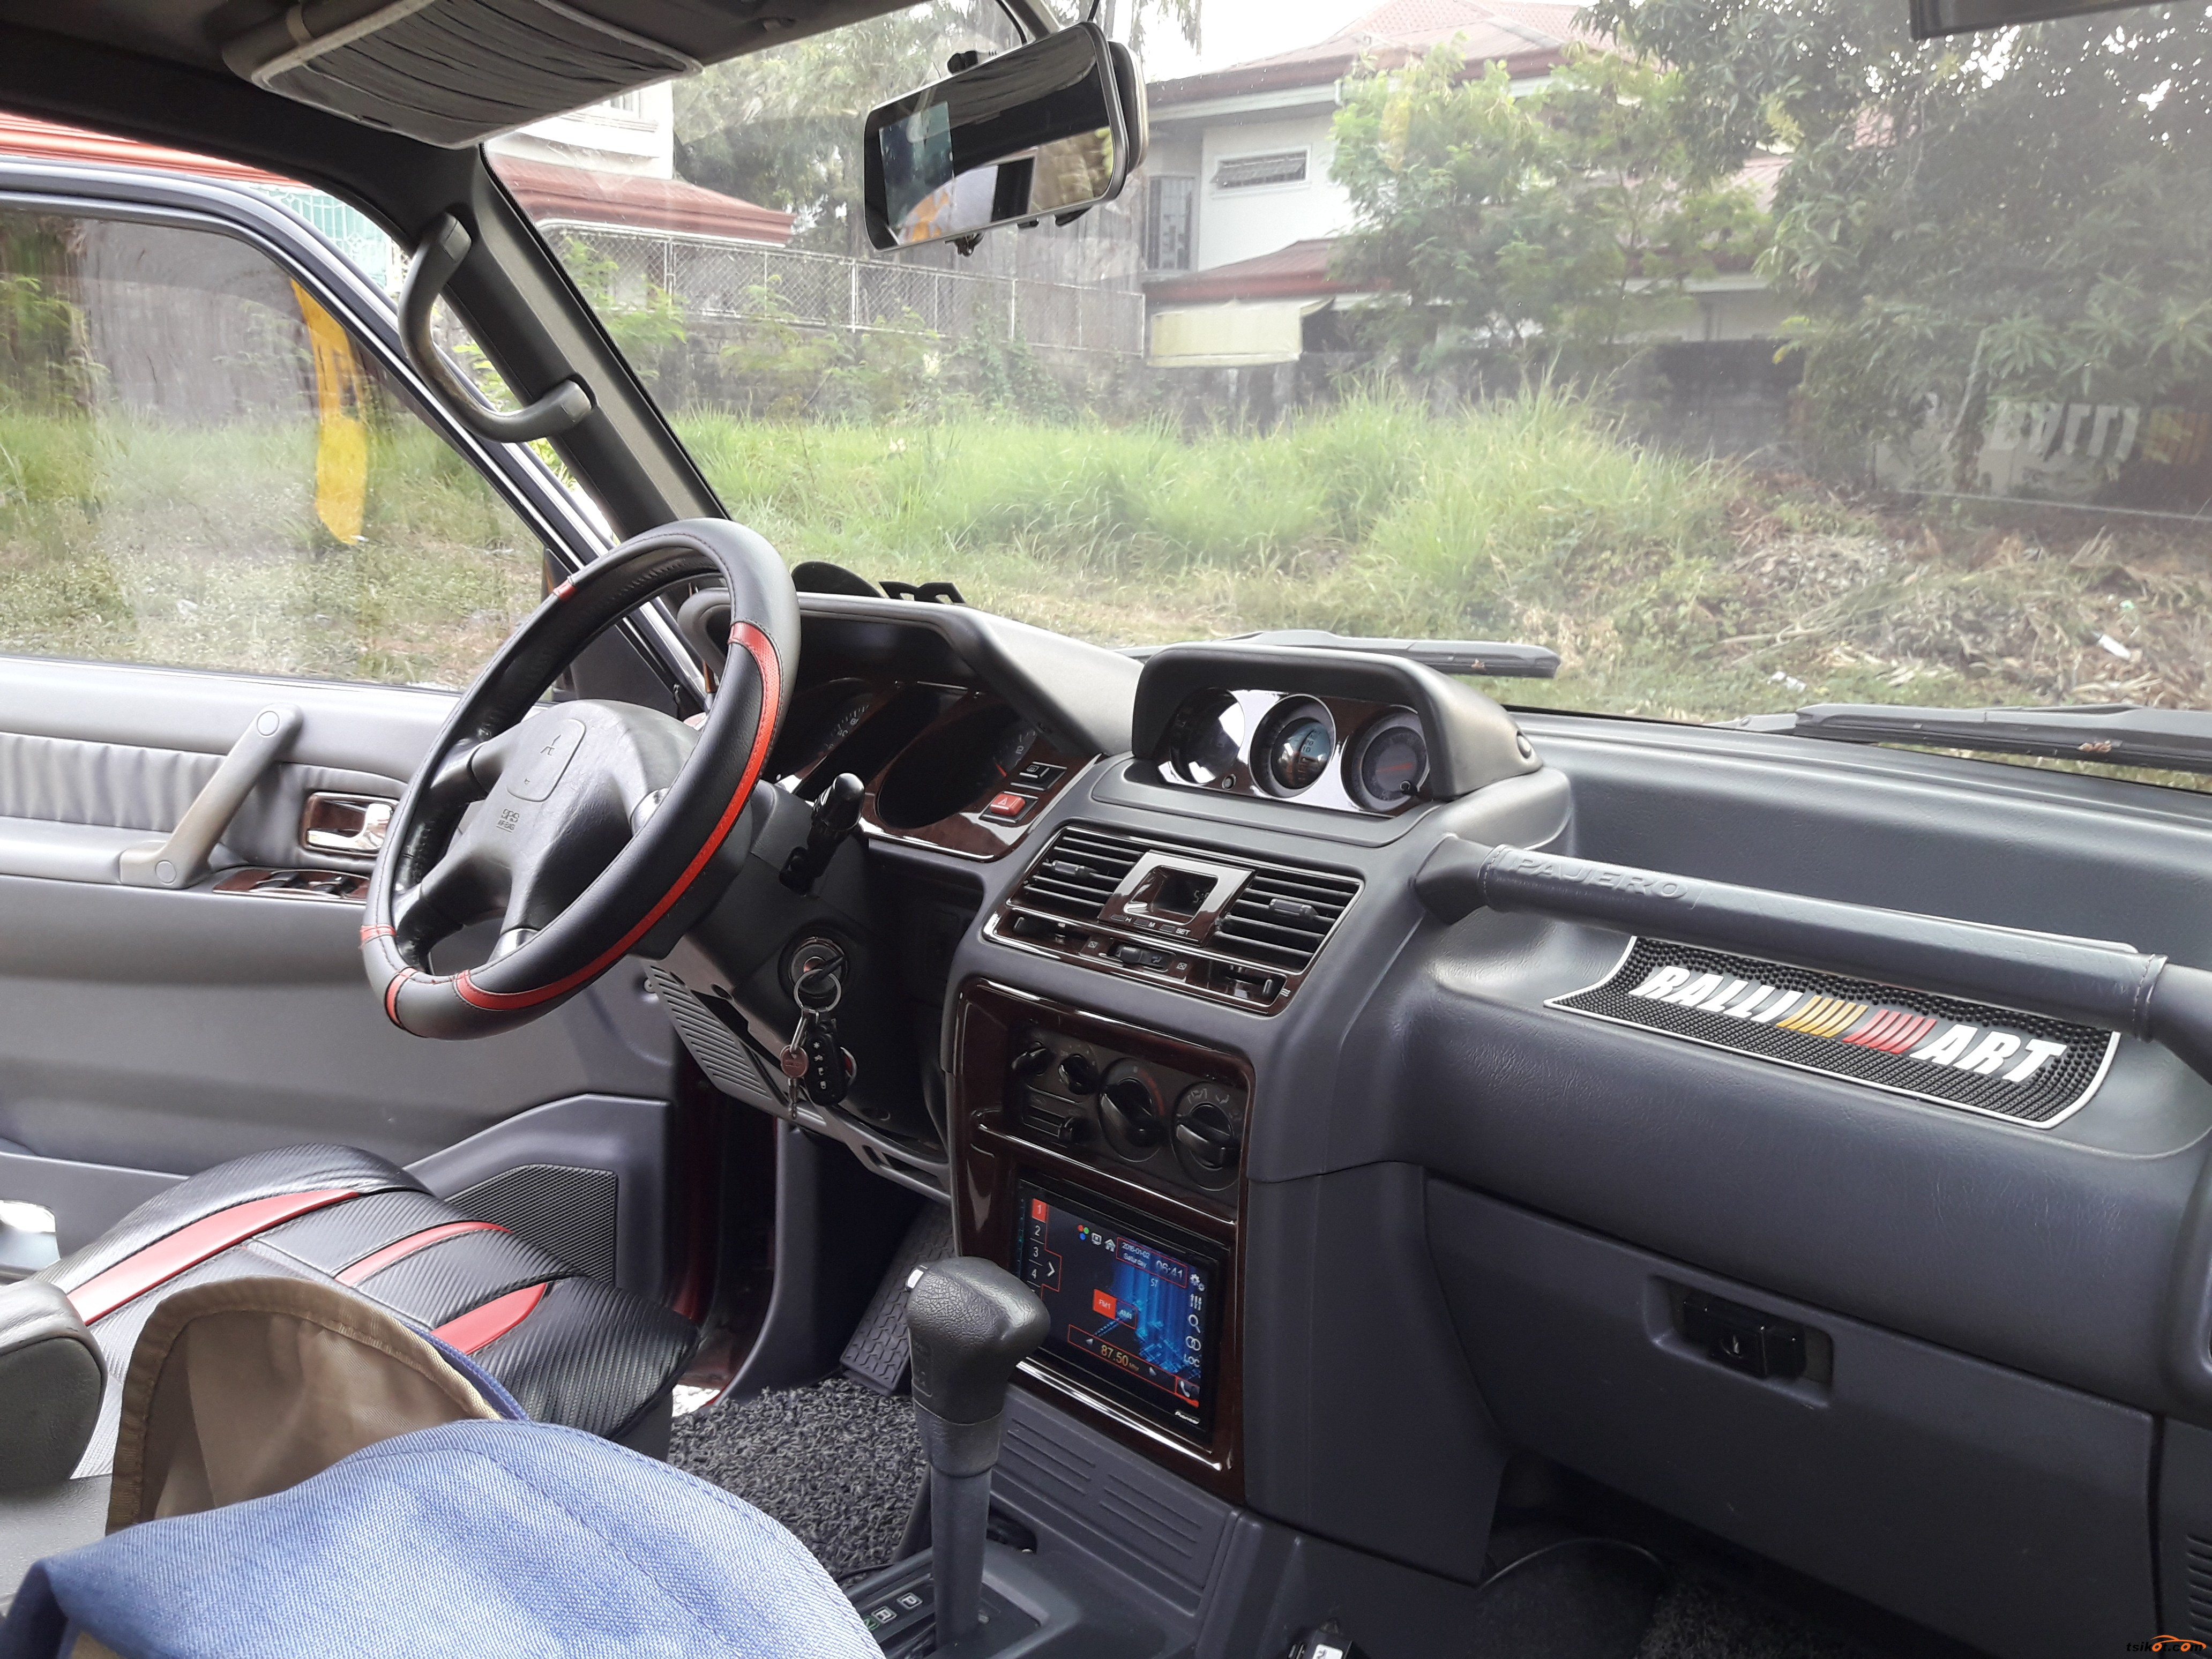 Mitsubishi Pajero 2002 - 2